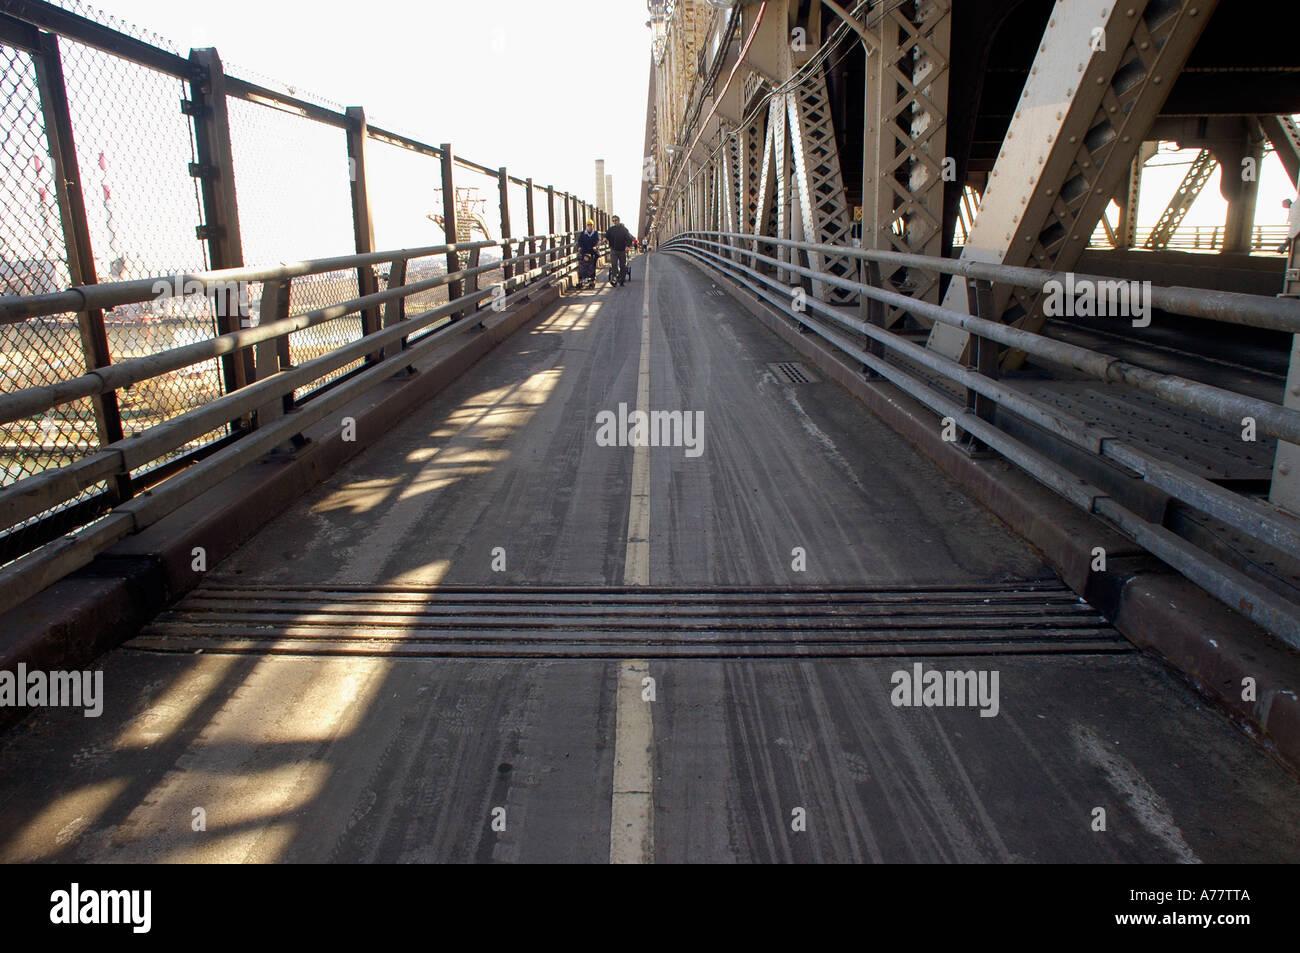 Bridge Expansion Joint Stock Photos & Bridge Expansion Joint